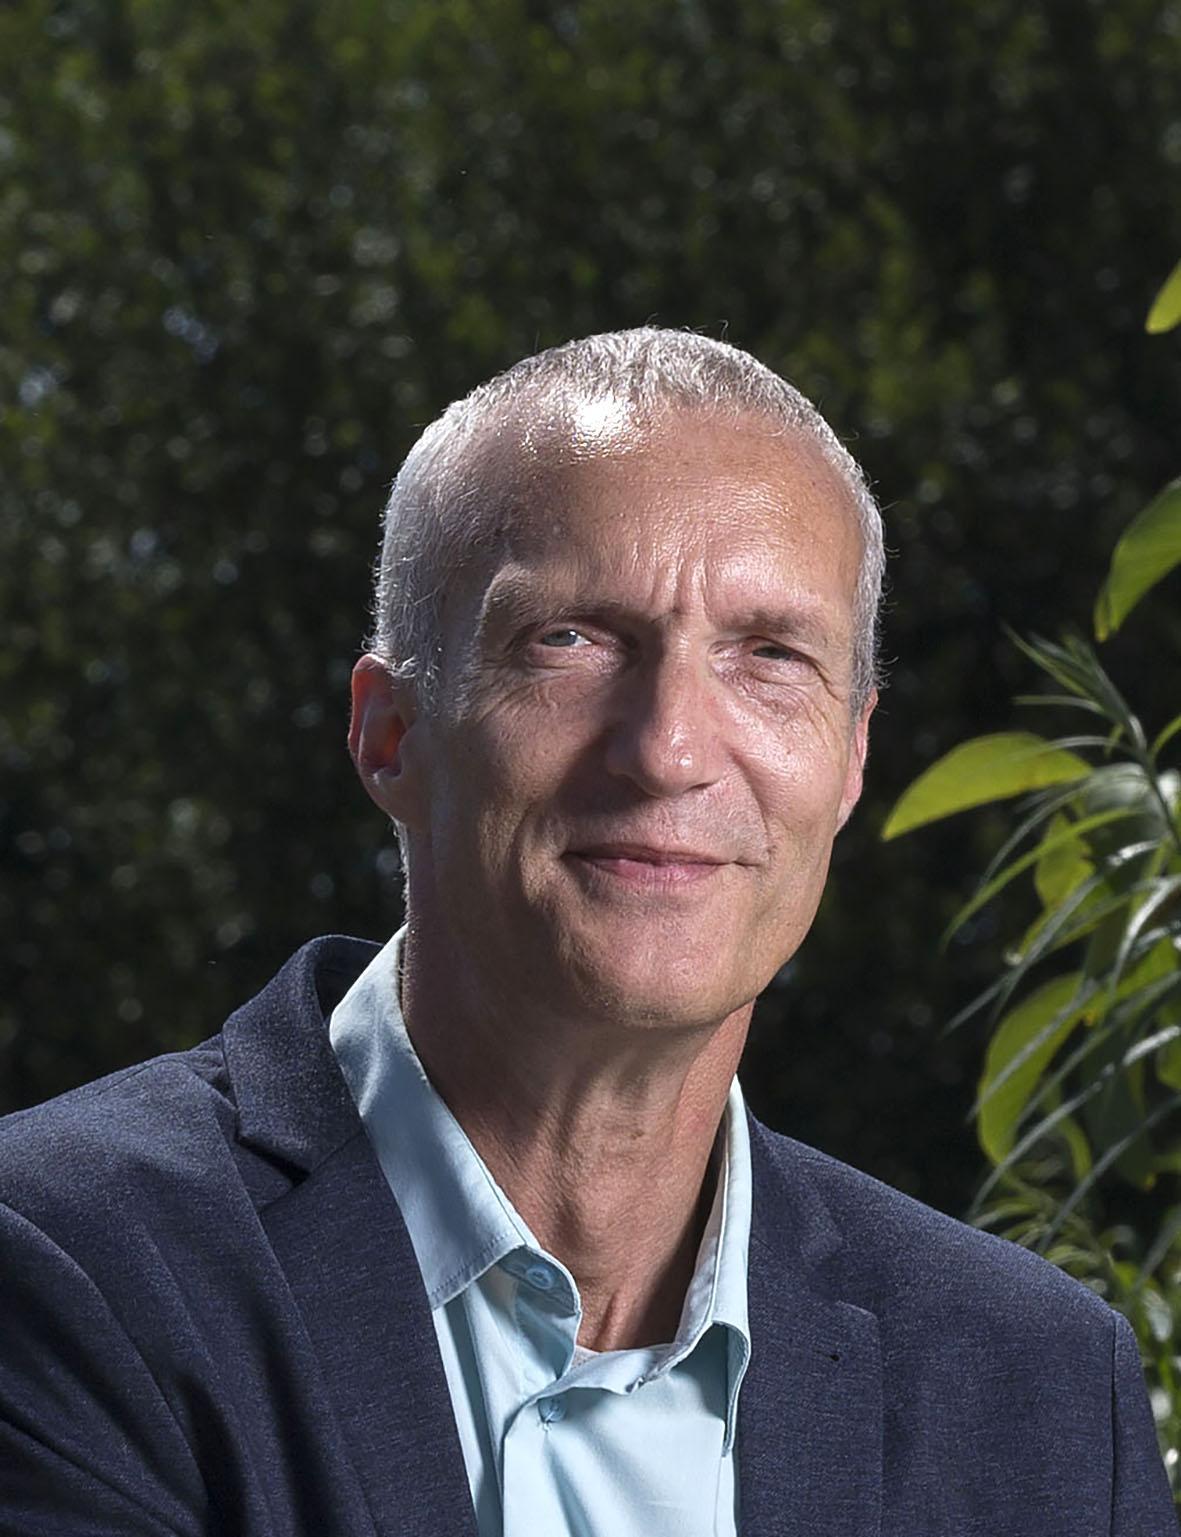 Remco Duijnker wint de strijd om de macht binnen het bestuur van de Seniorenpartij